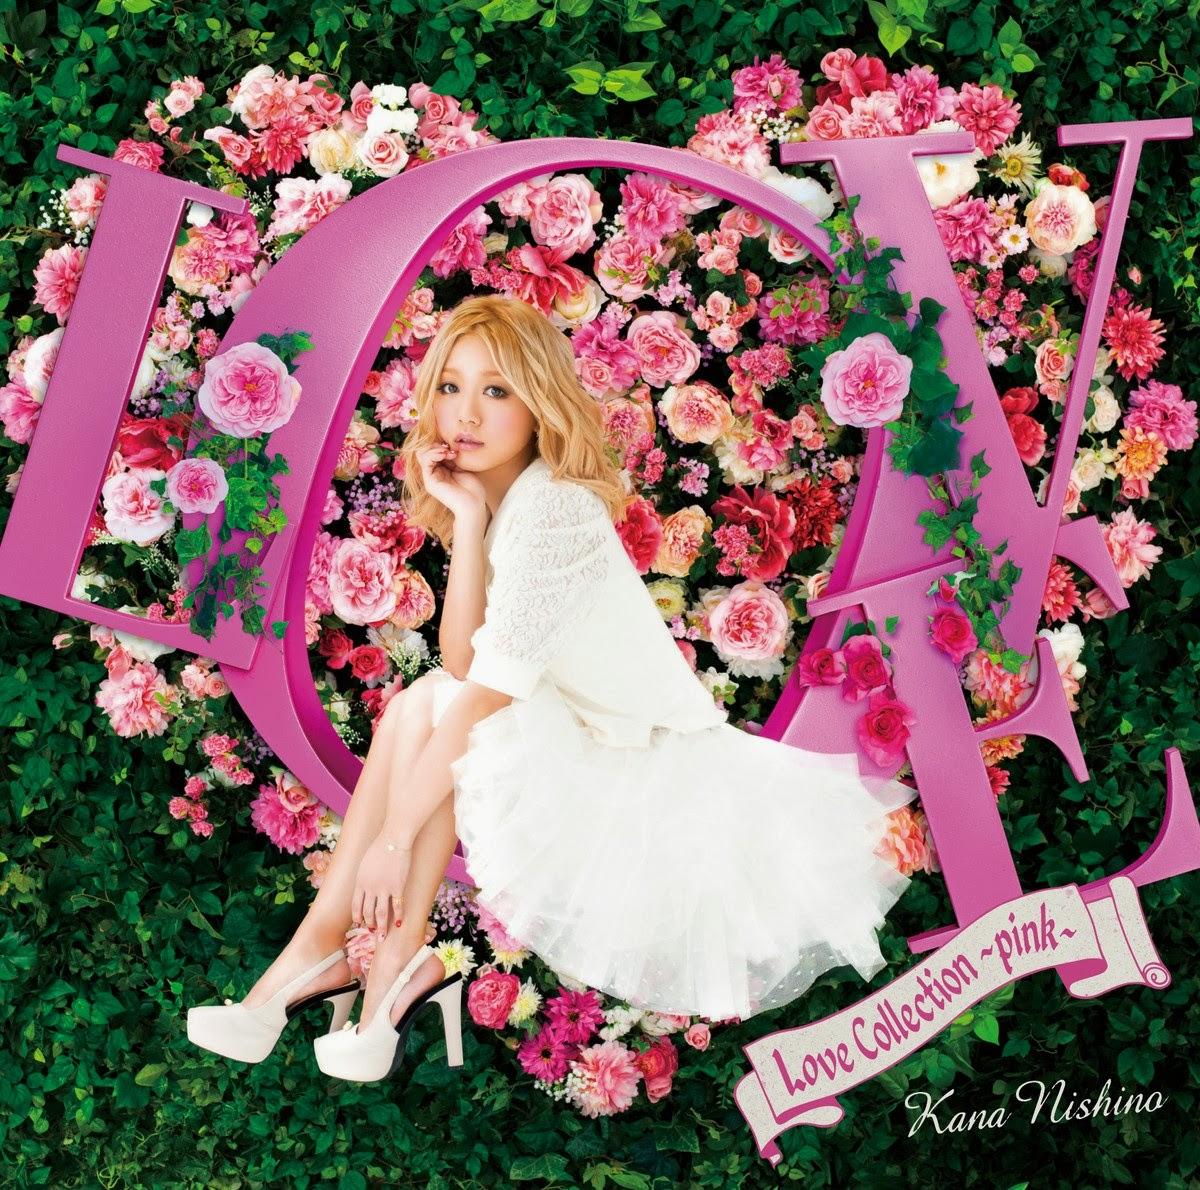 Kana Nishino 西野カナ Join us! 歌詞 lyrics   Hot Sexy Beauty.Club